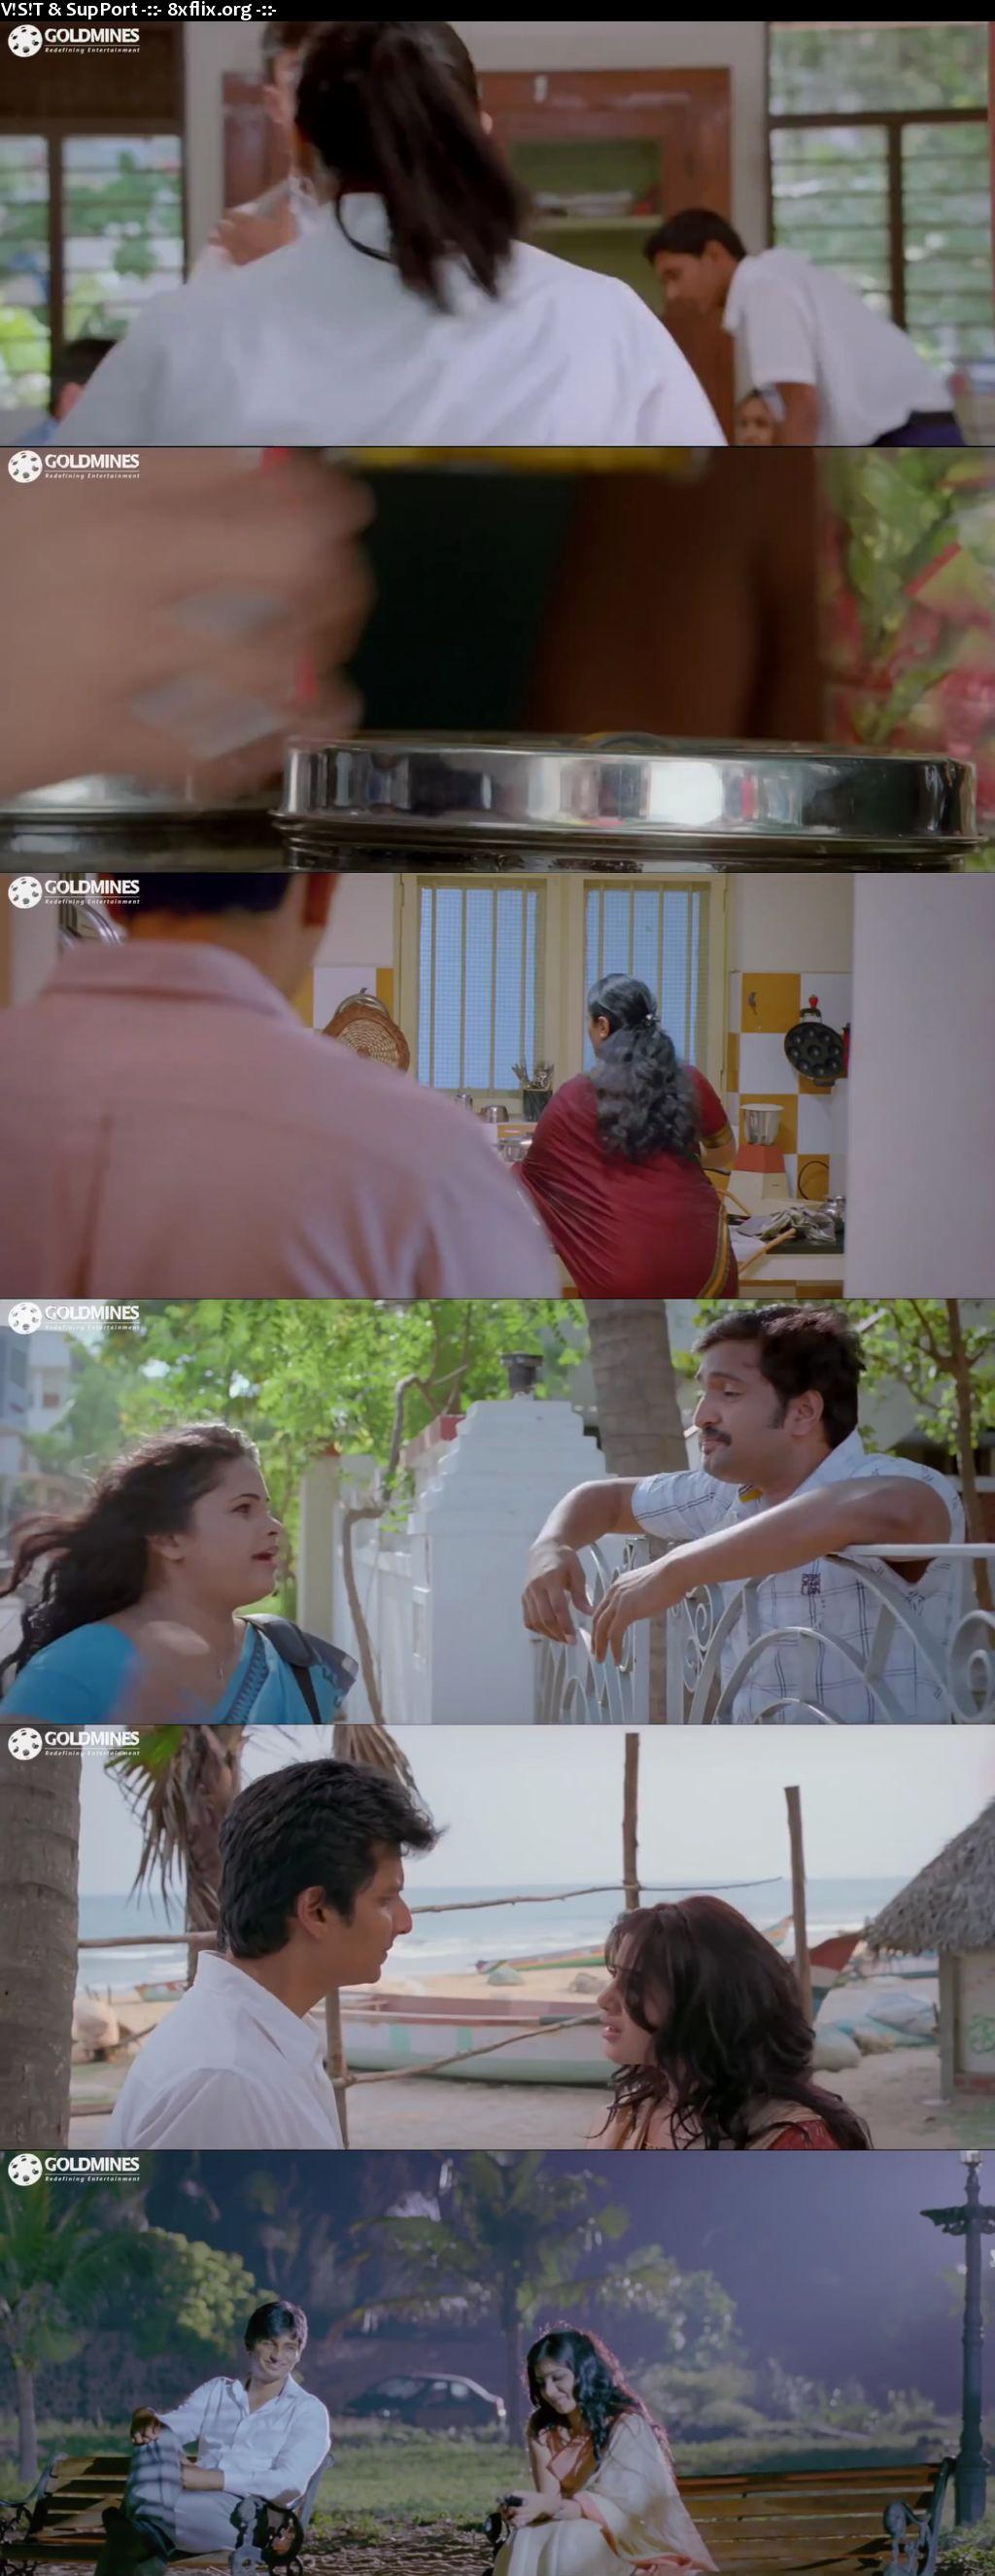 Inteha Pyar Ki 2021 Full Movie Hindi Dubbed 720p 480p HDRip